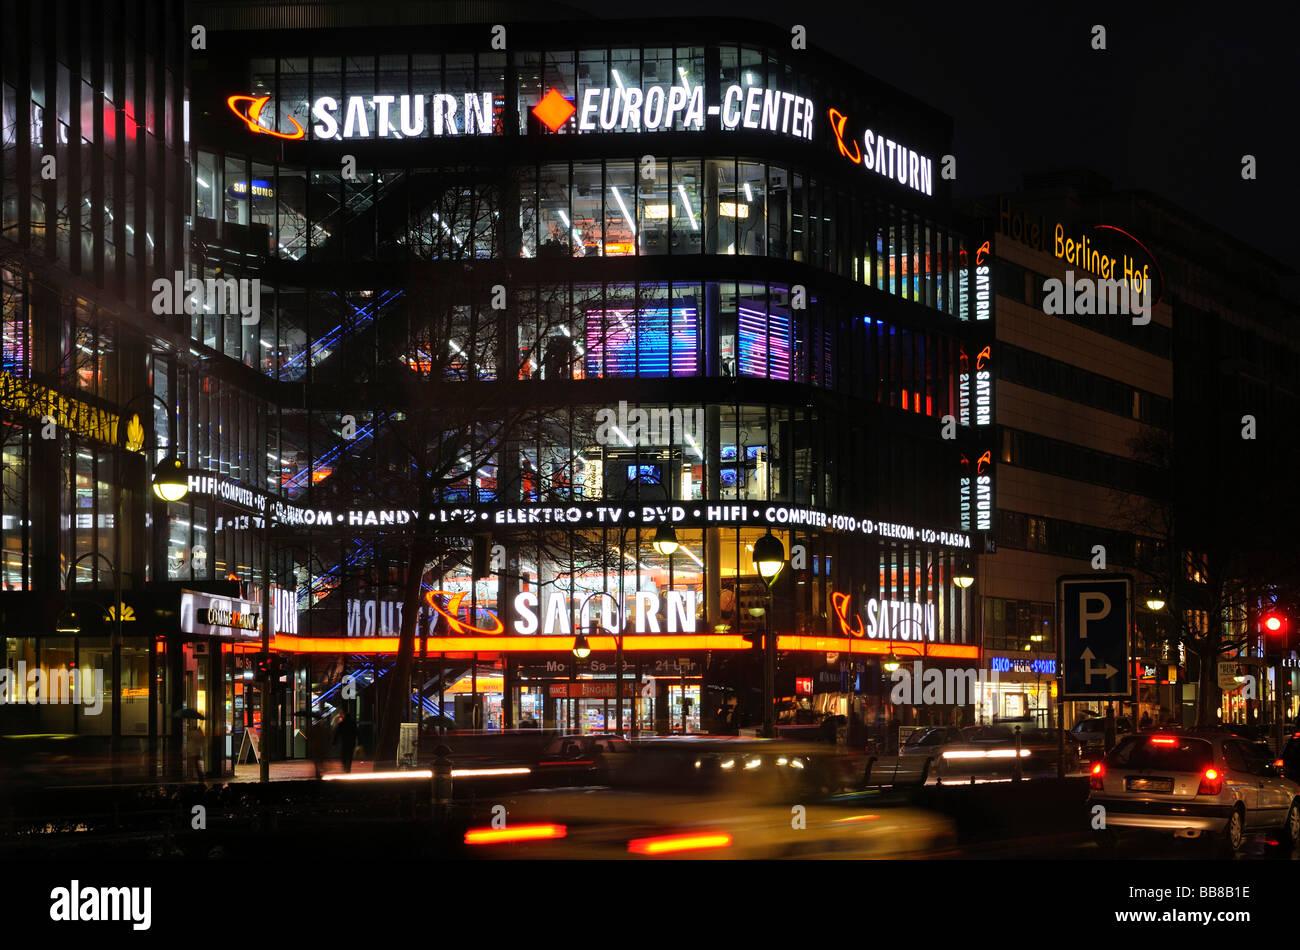 Elettronica Rivenditore di specialità Saturno flagship-store  nell Europa-Center 0df40abef6c5